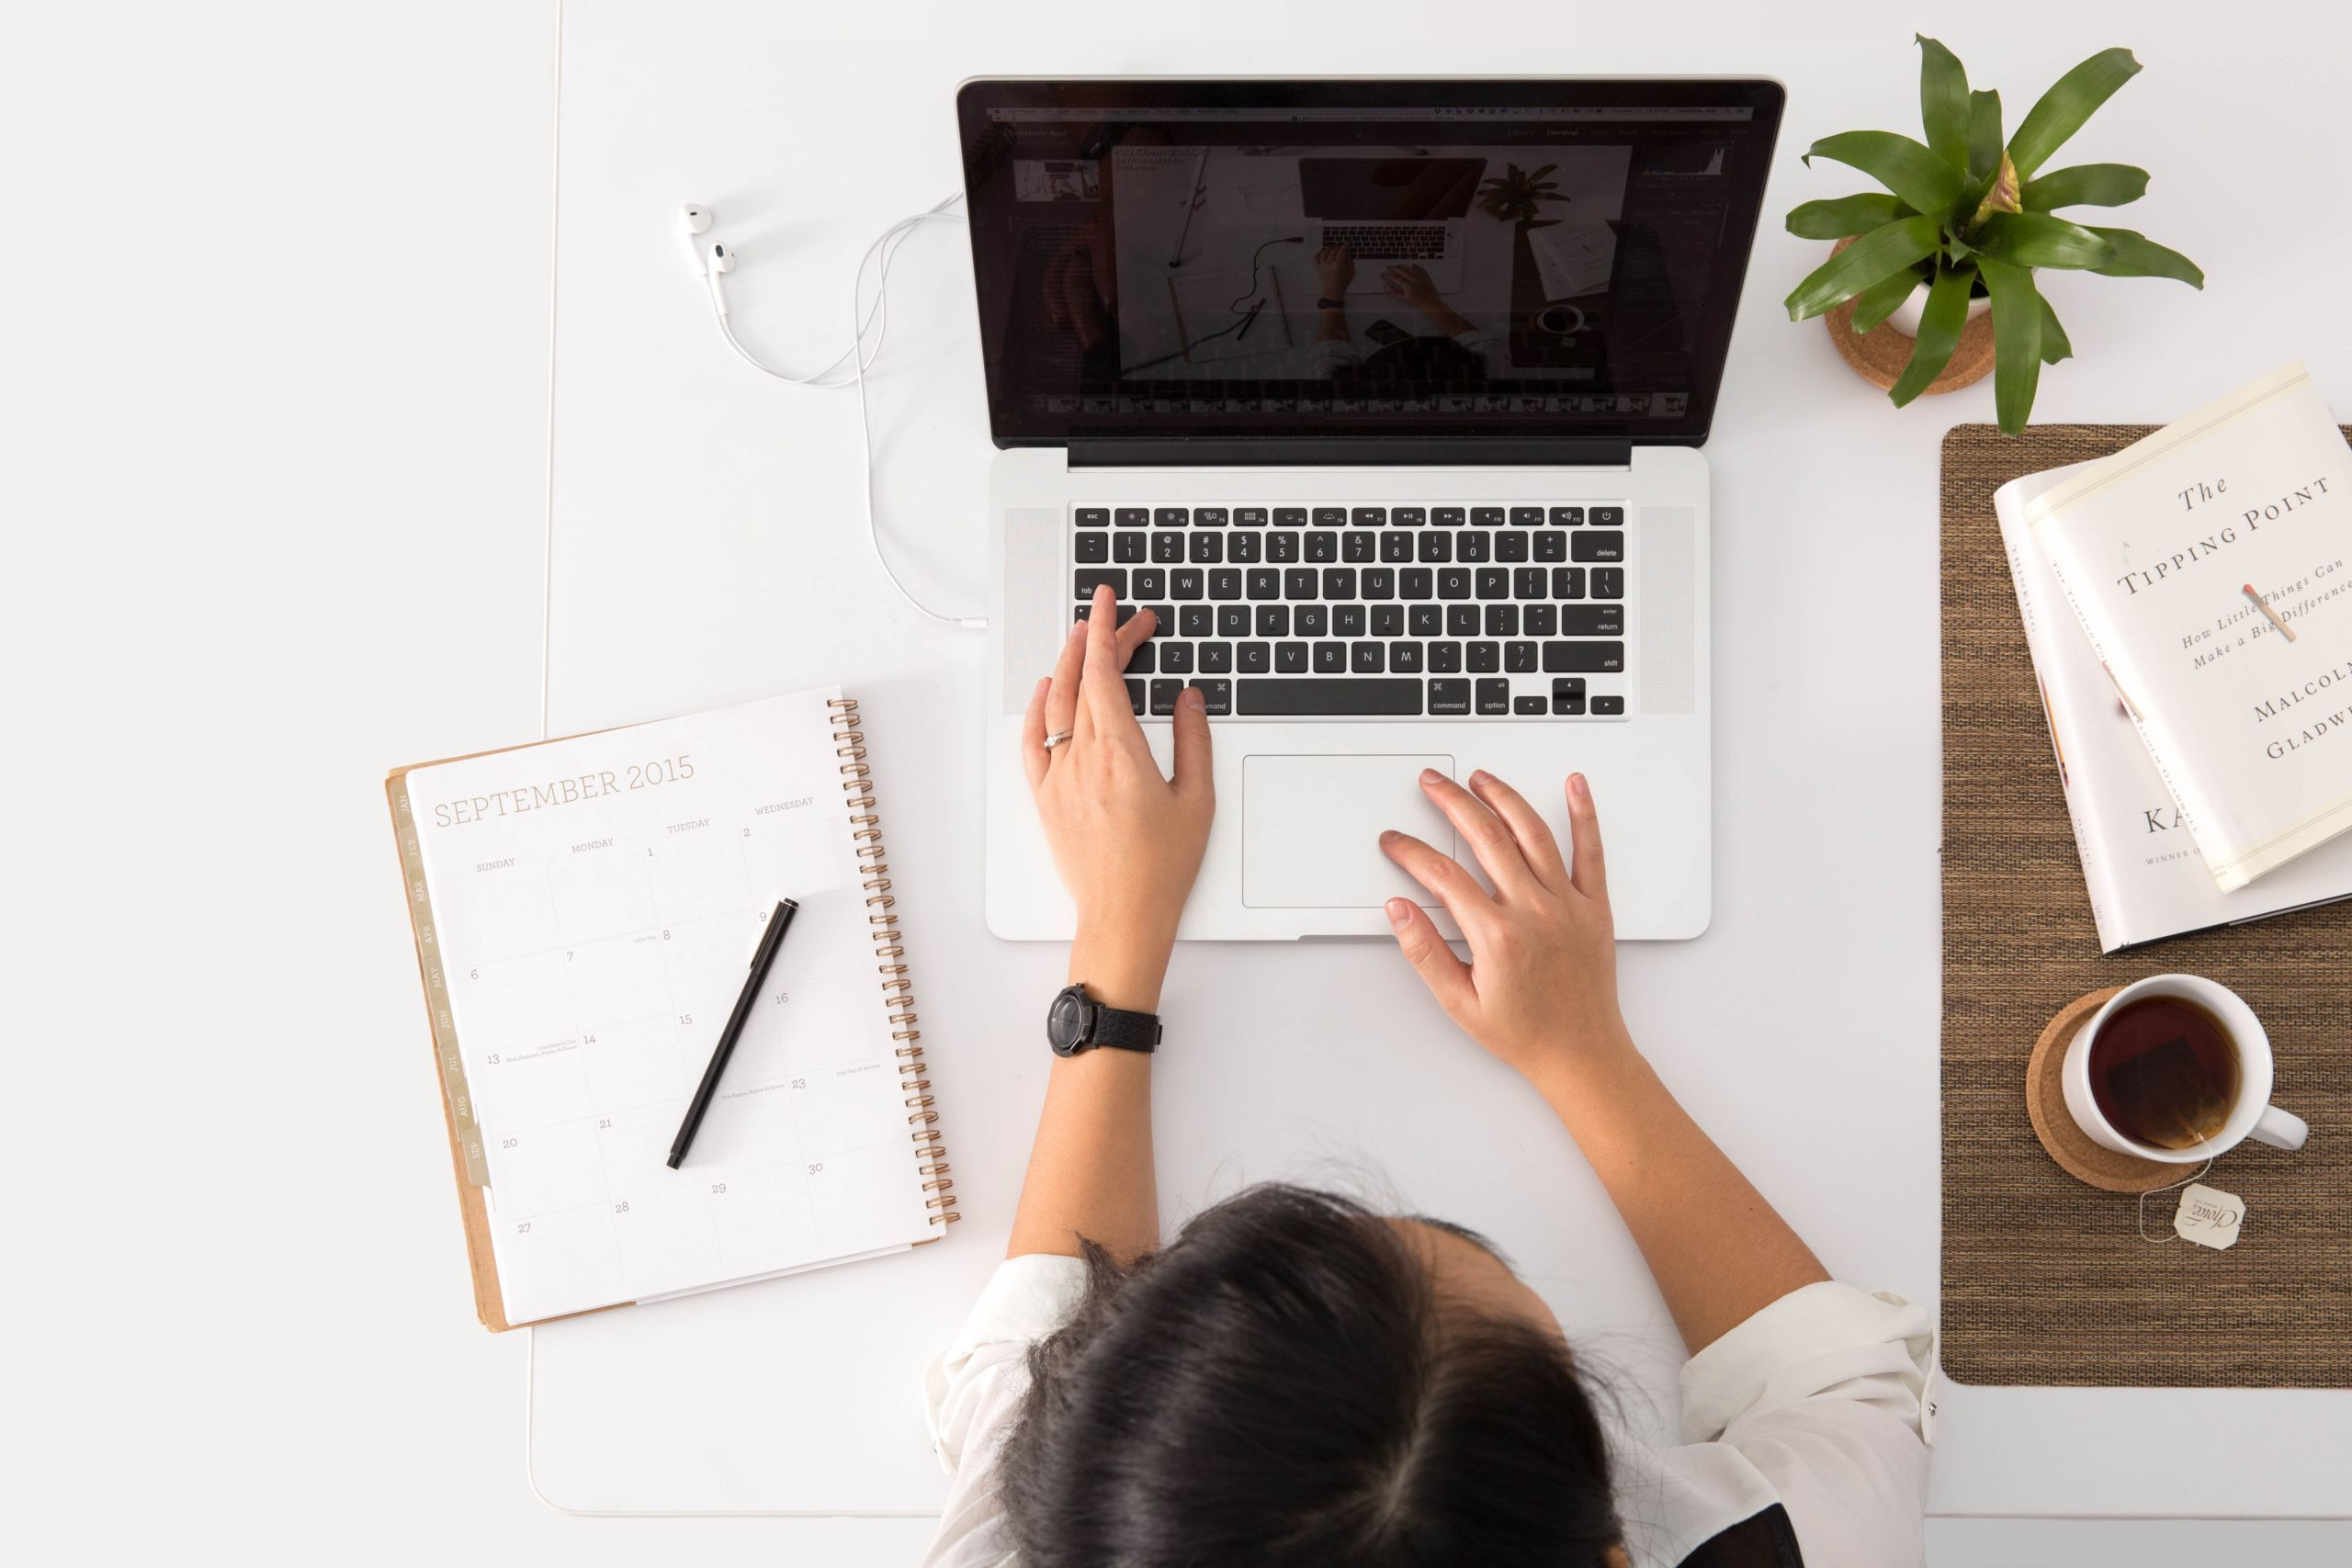 Person sitzt an einem Laptop. Um den Laptop herum befinden sich verschiedene Dokumente, eine Tasse Kaffee und eine Pflanze. Der Blickwinkel ist von oben.